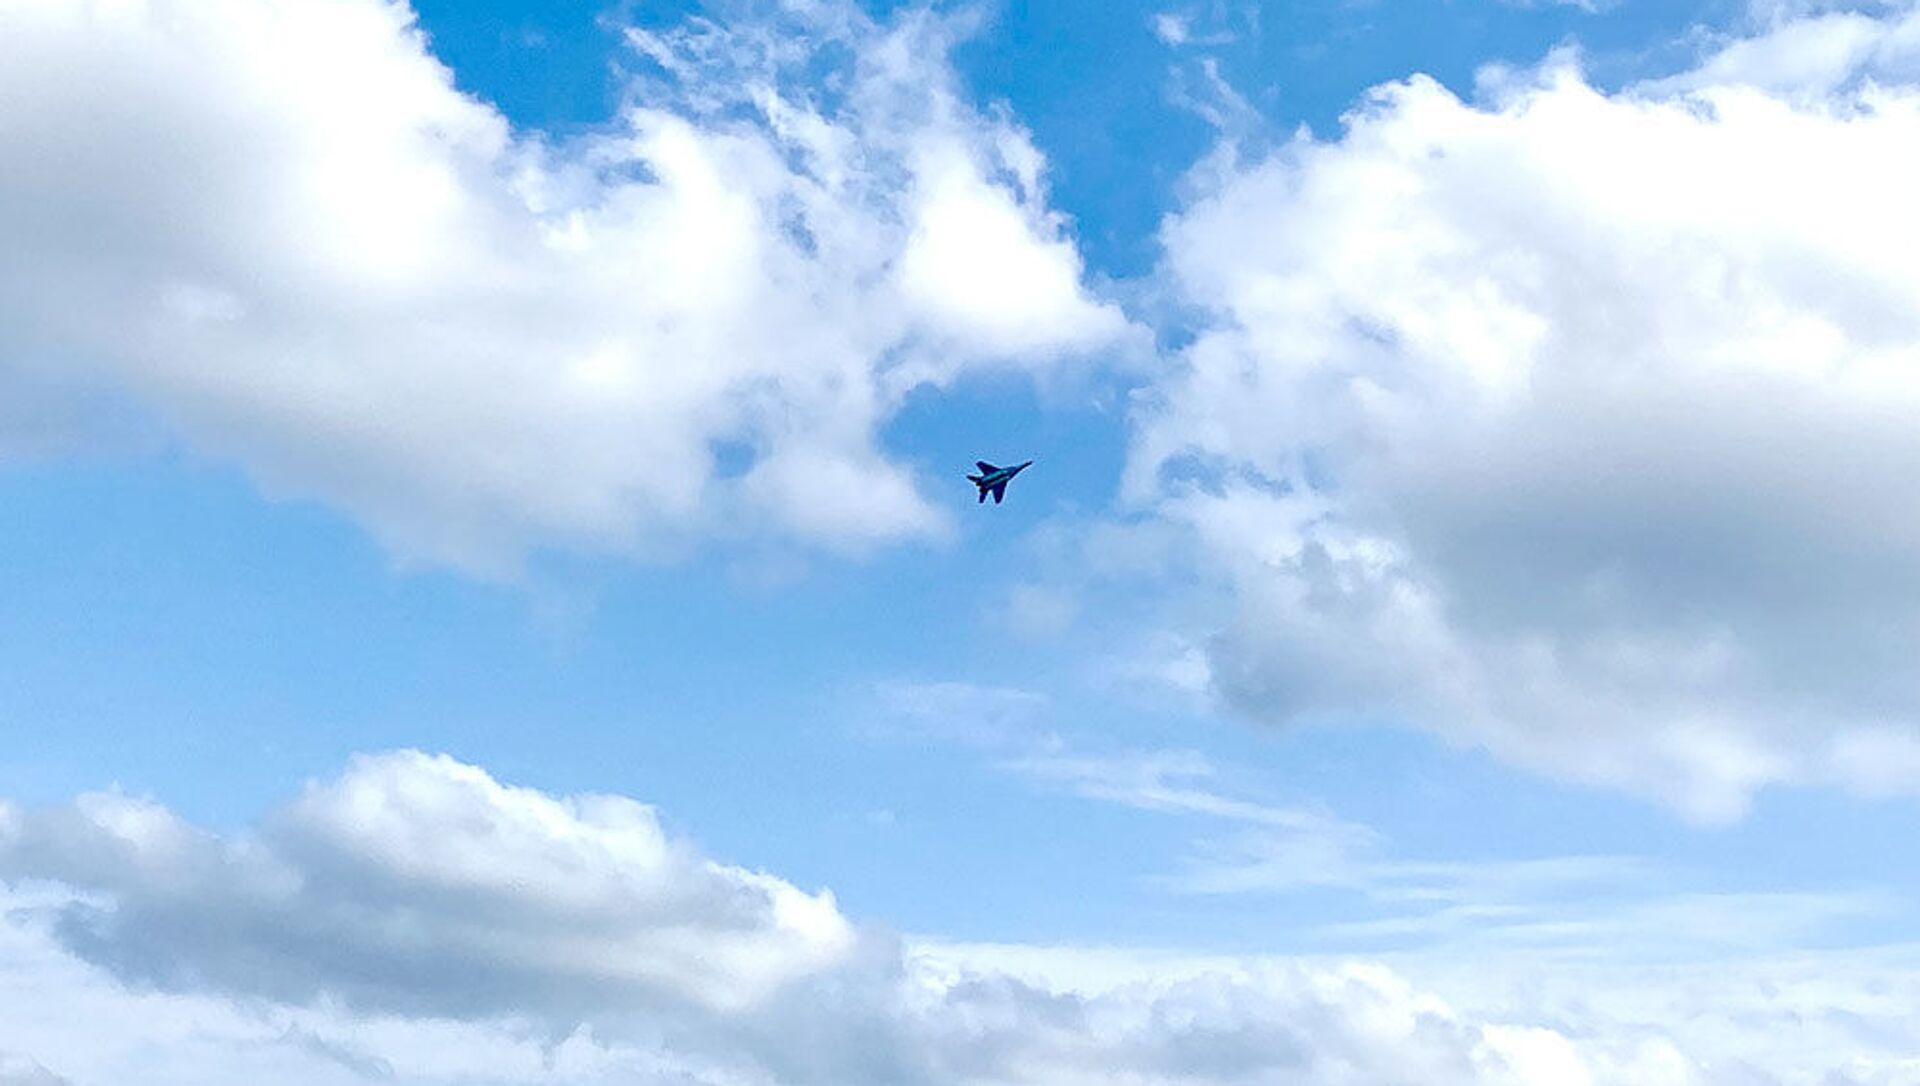 Истребитель МиГ-29 ВВС Азербайджана совершил первый полет на фестивале «Технофест-2021» - Sputnik Азербайджан, 1920, 21.09.2021